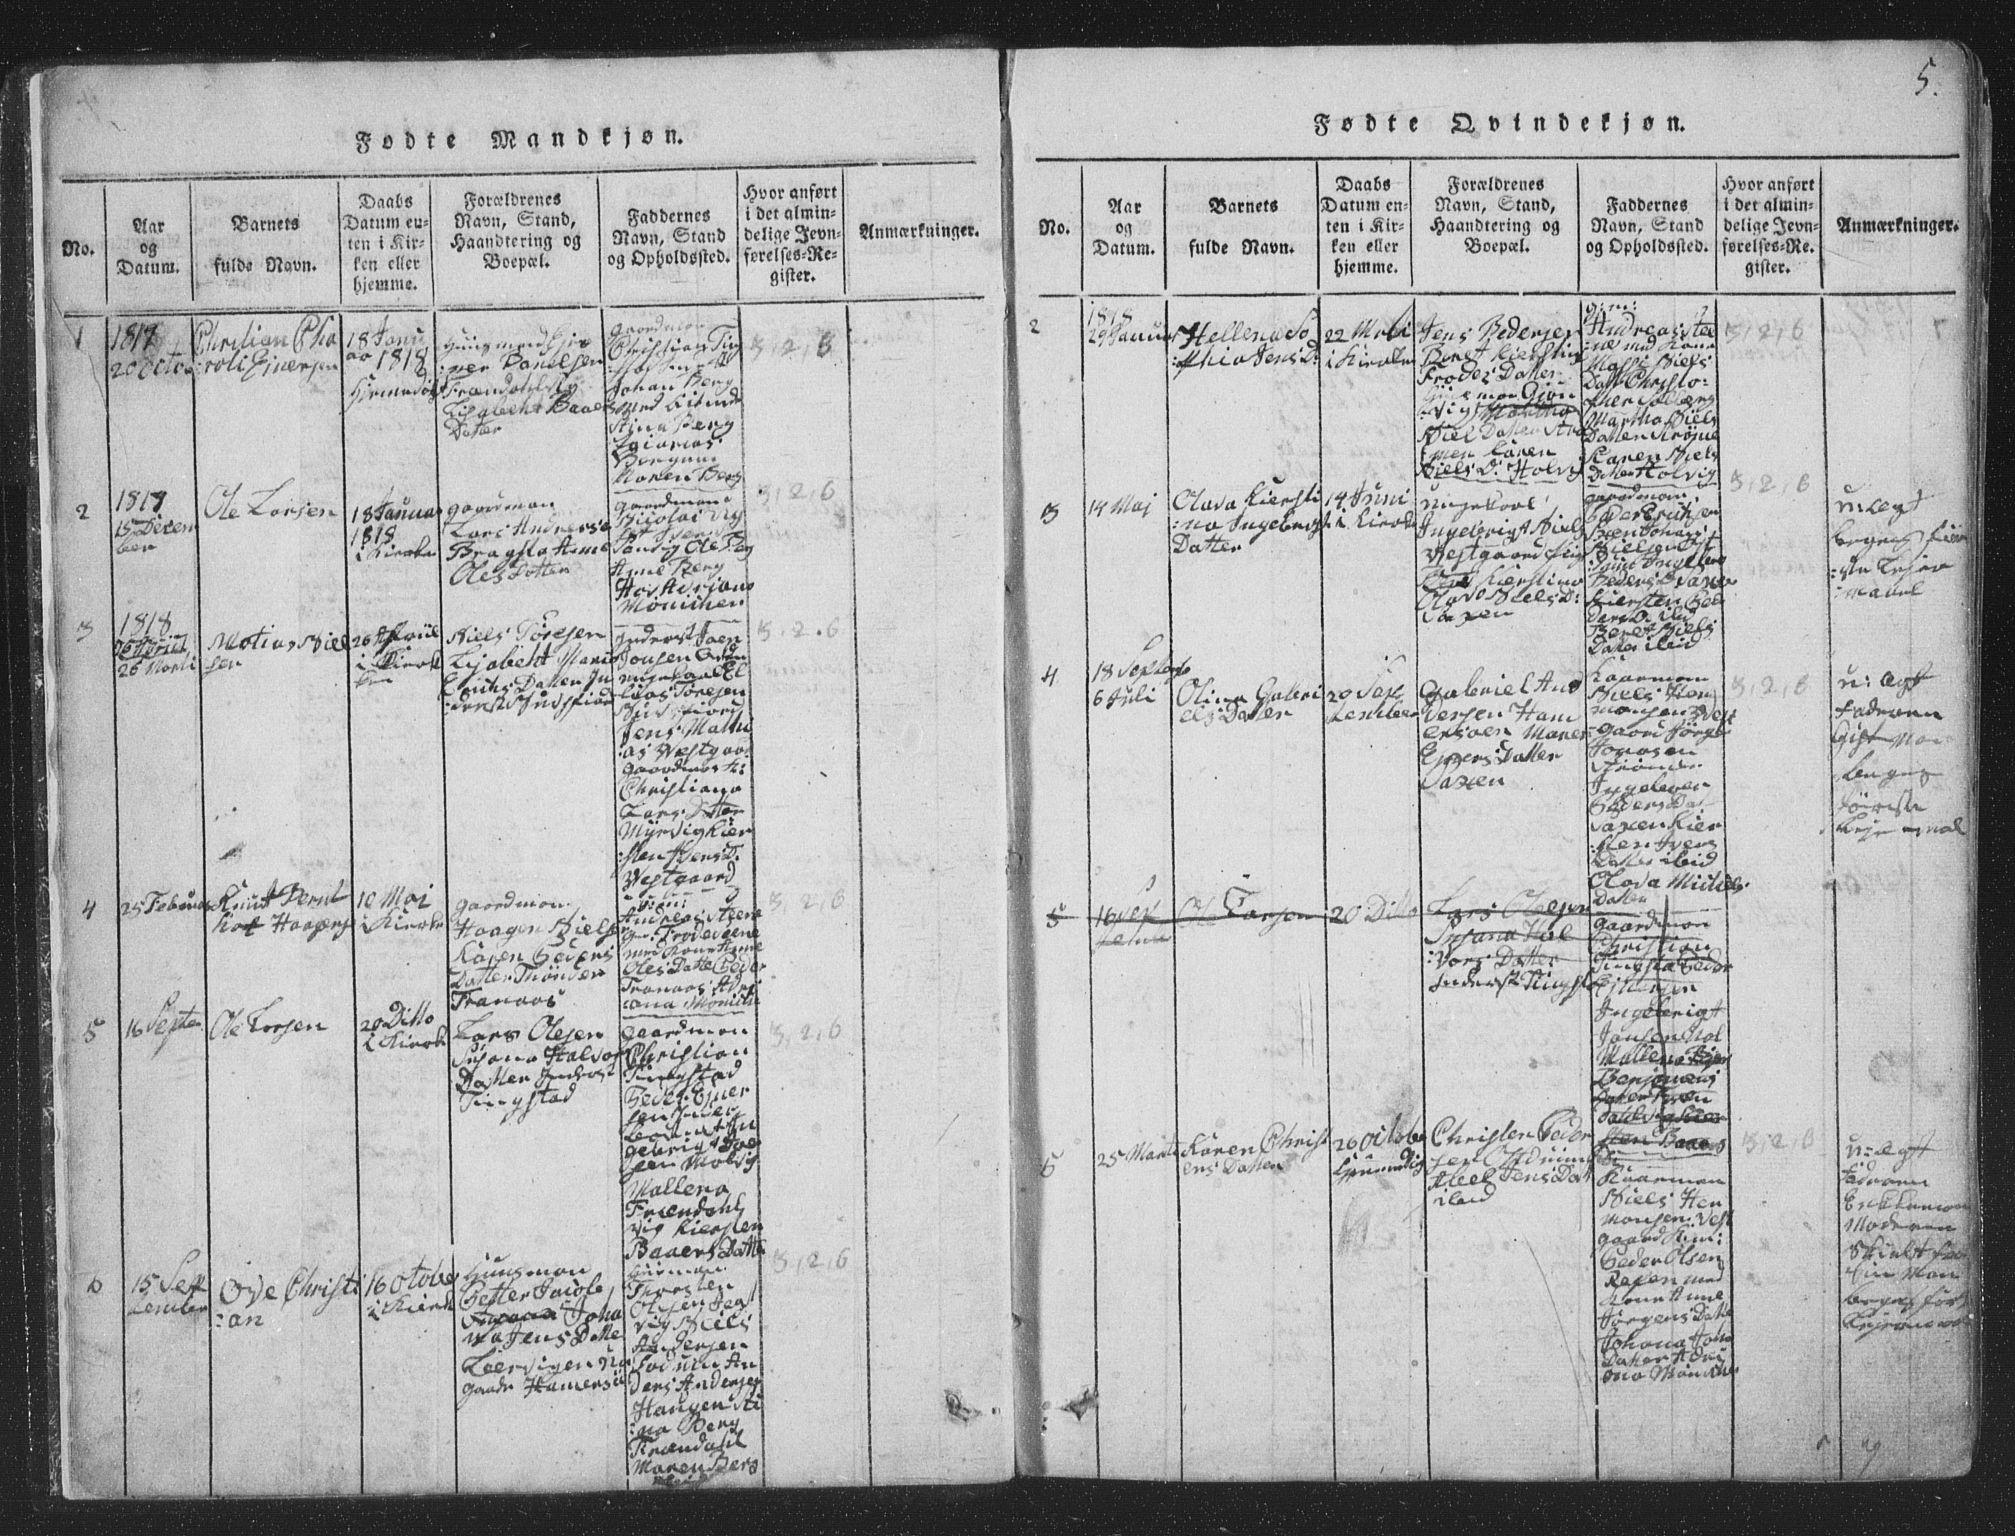 SAT, Ministerialprotokoller, klokkerbøker og fødselsregistre - Nord-Trøndelag, 773/L0613: Ministerialbok nr. 773A04, 1815-1845, s. 5